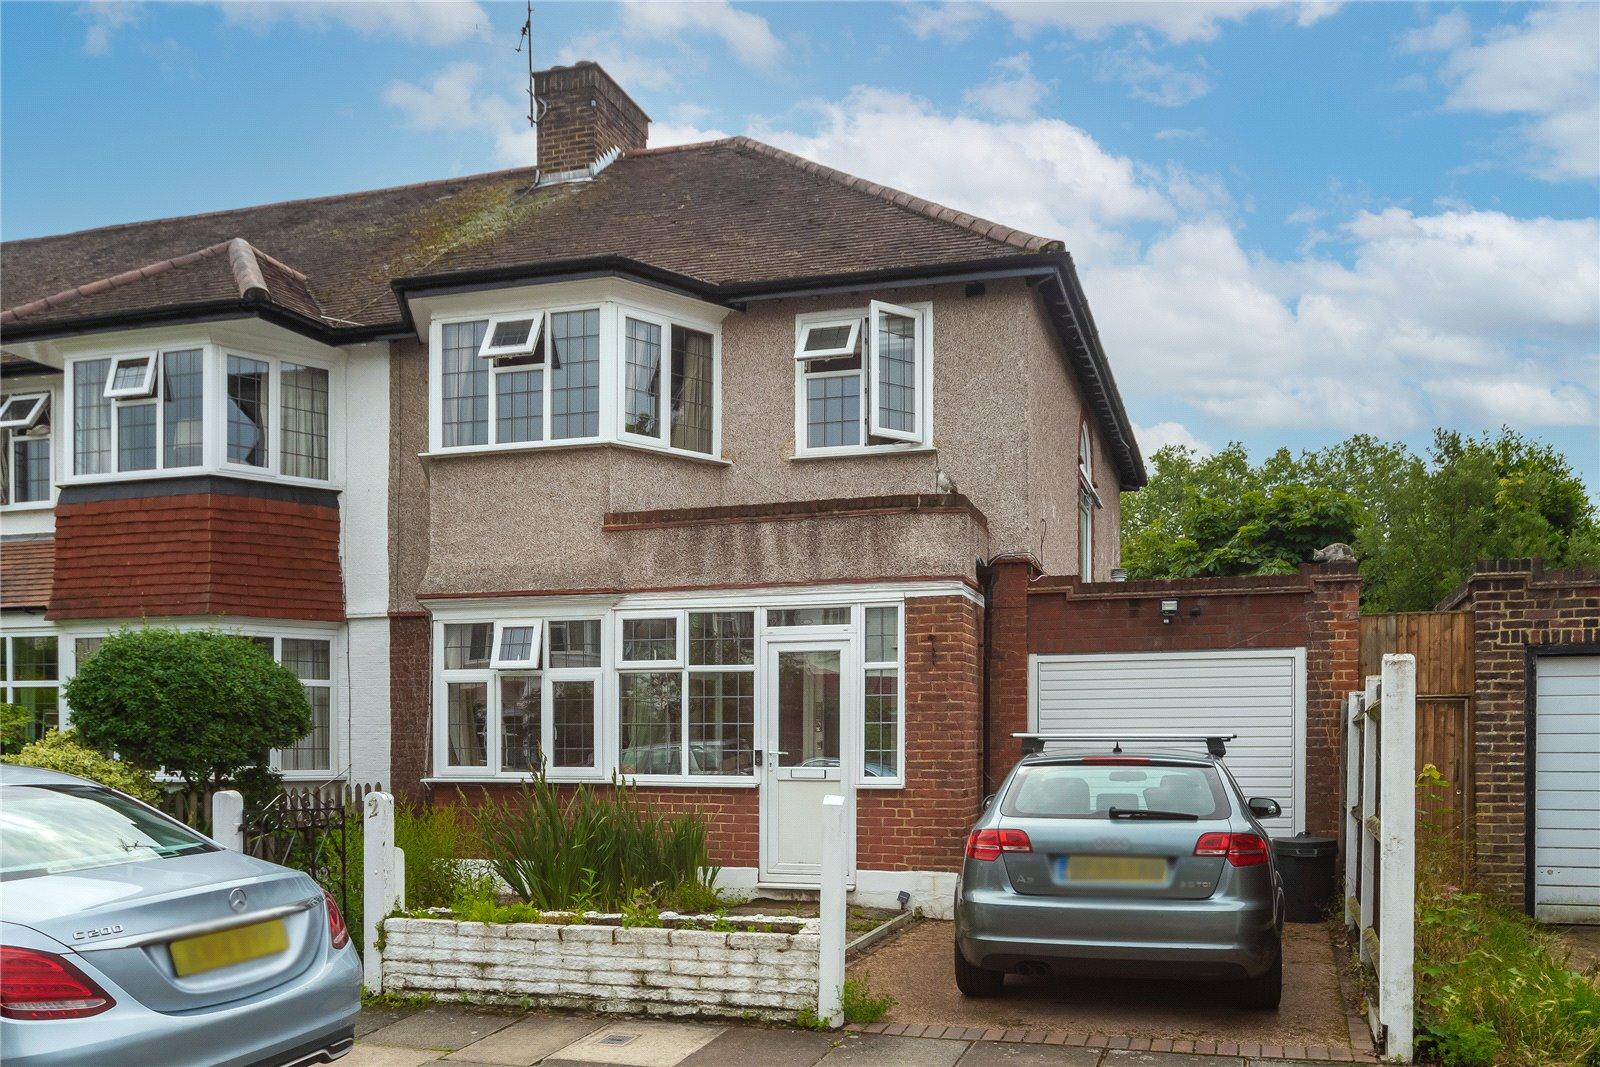 Marble Hill Close, Twickenham, TW1 3AY - Antony Roberts